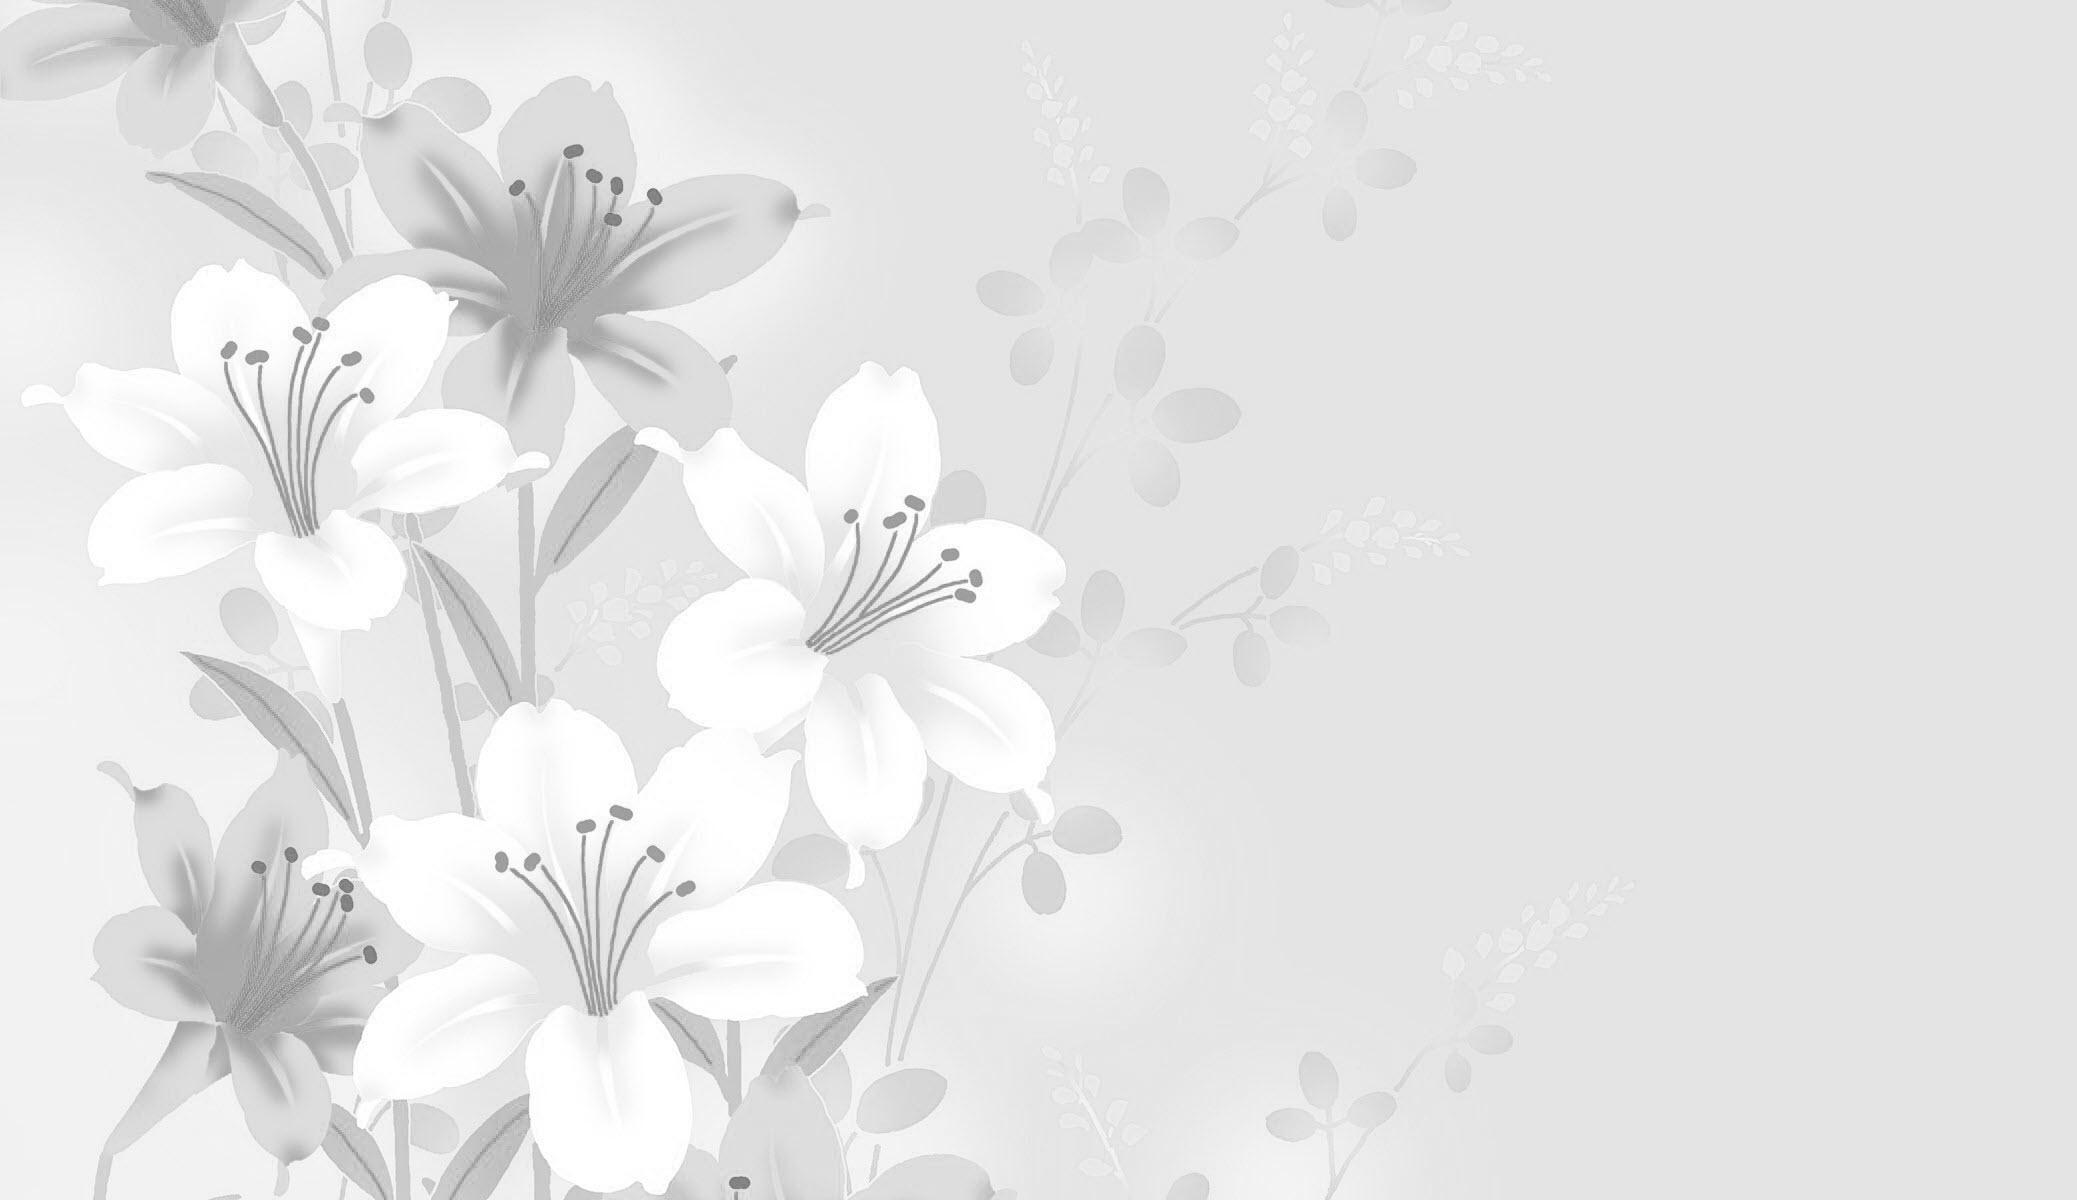 Hình nền trắng đẹp (32)